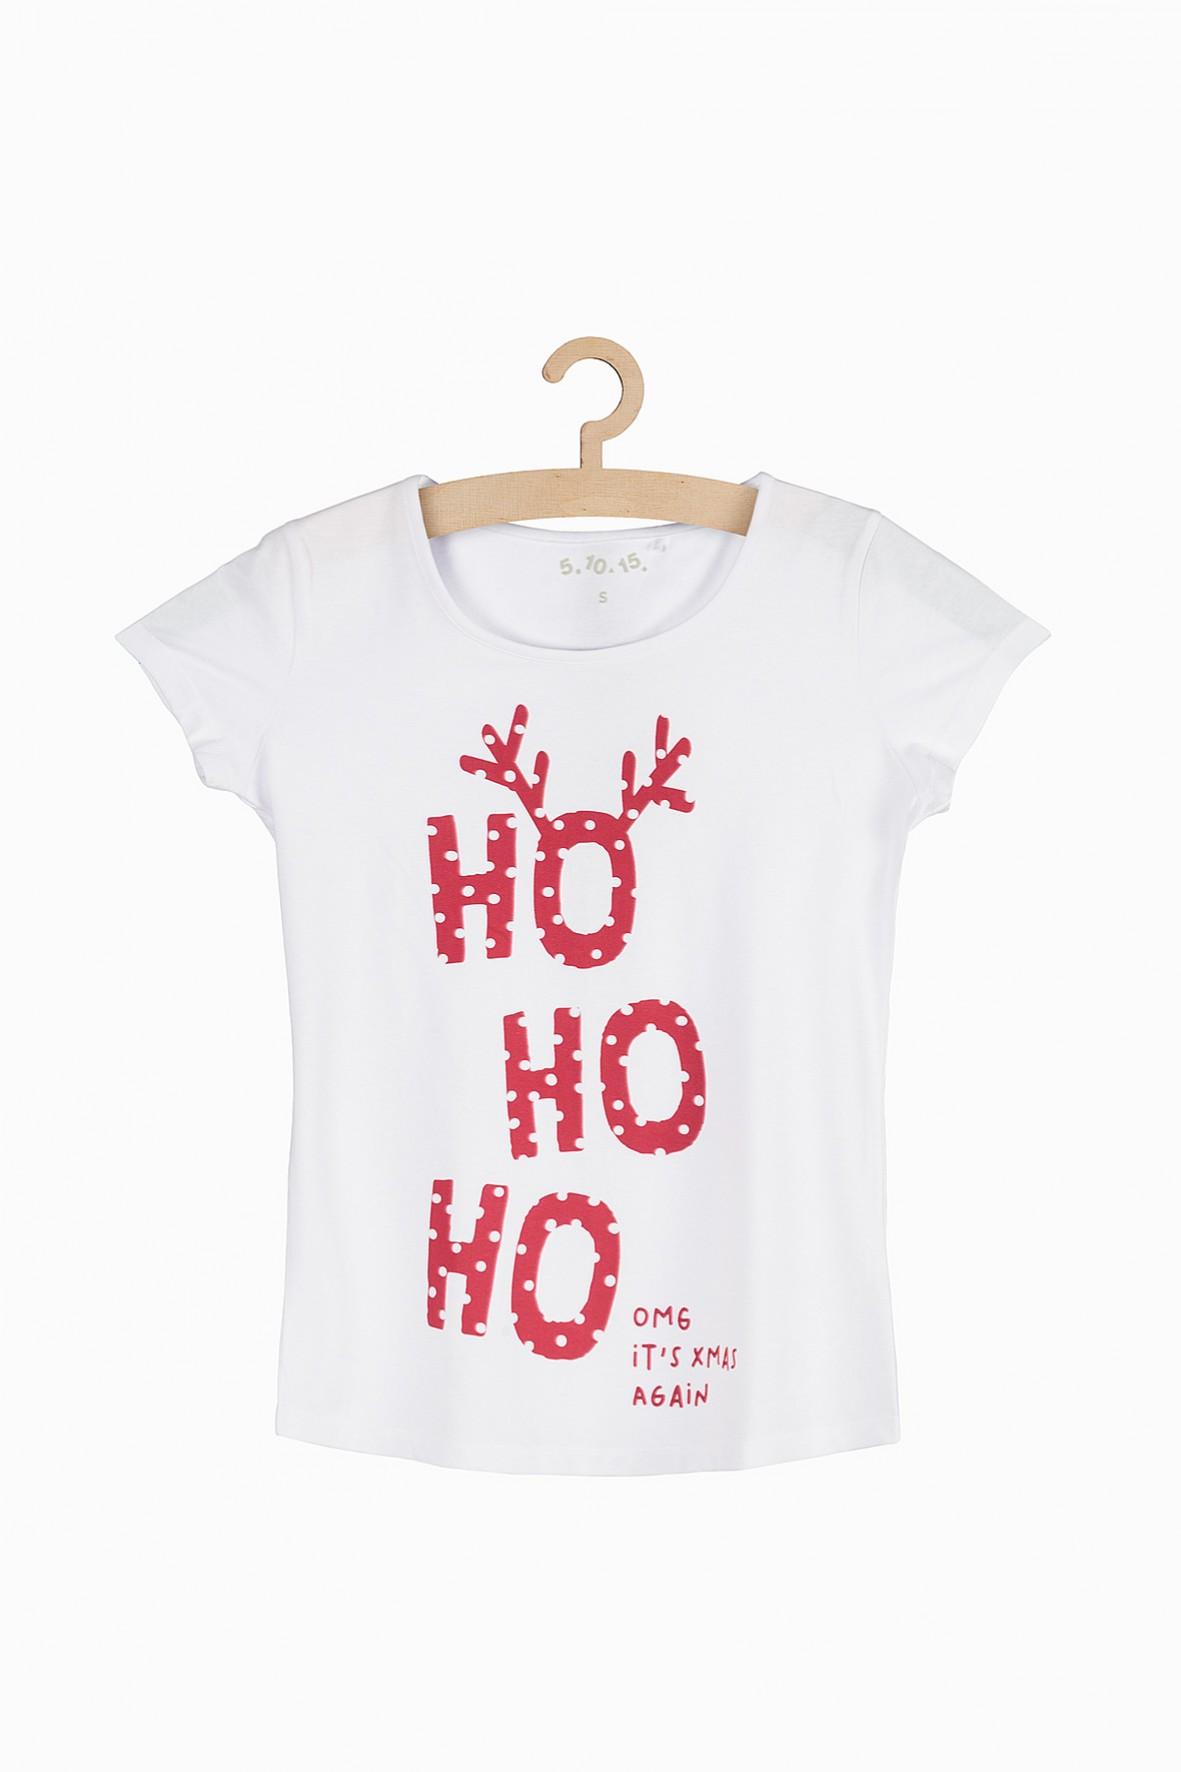 Świąteczny t-shirt damski Ho ho ho